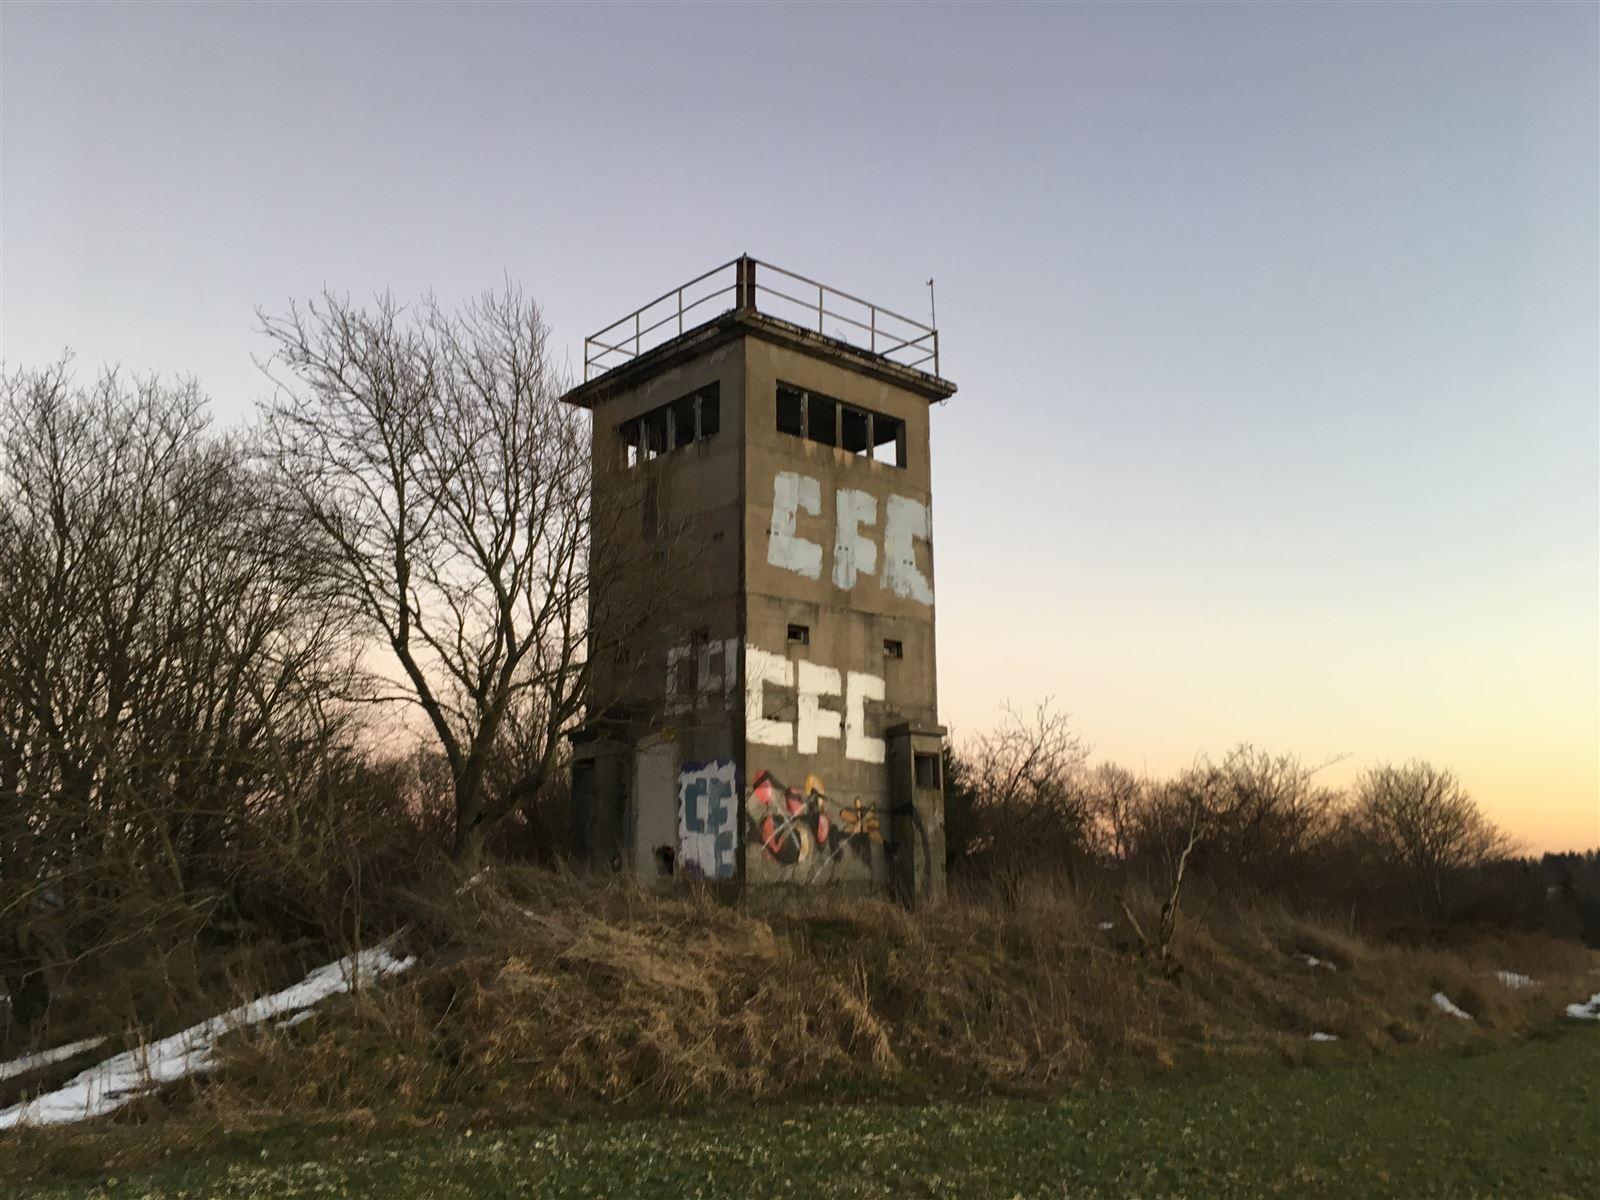 Der ehemalige Grenzturm in der Nähe von Heinersgrün